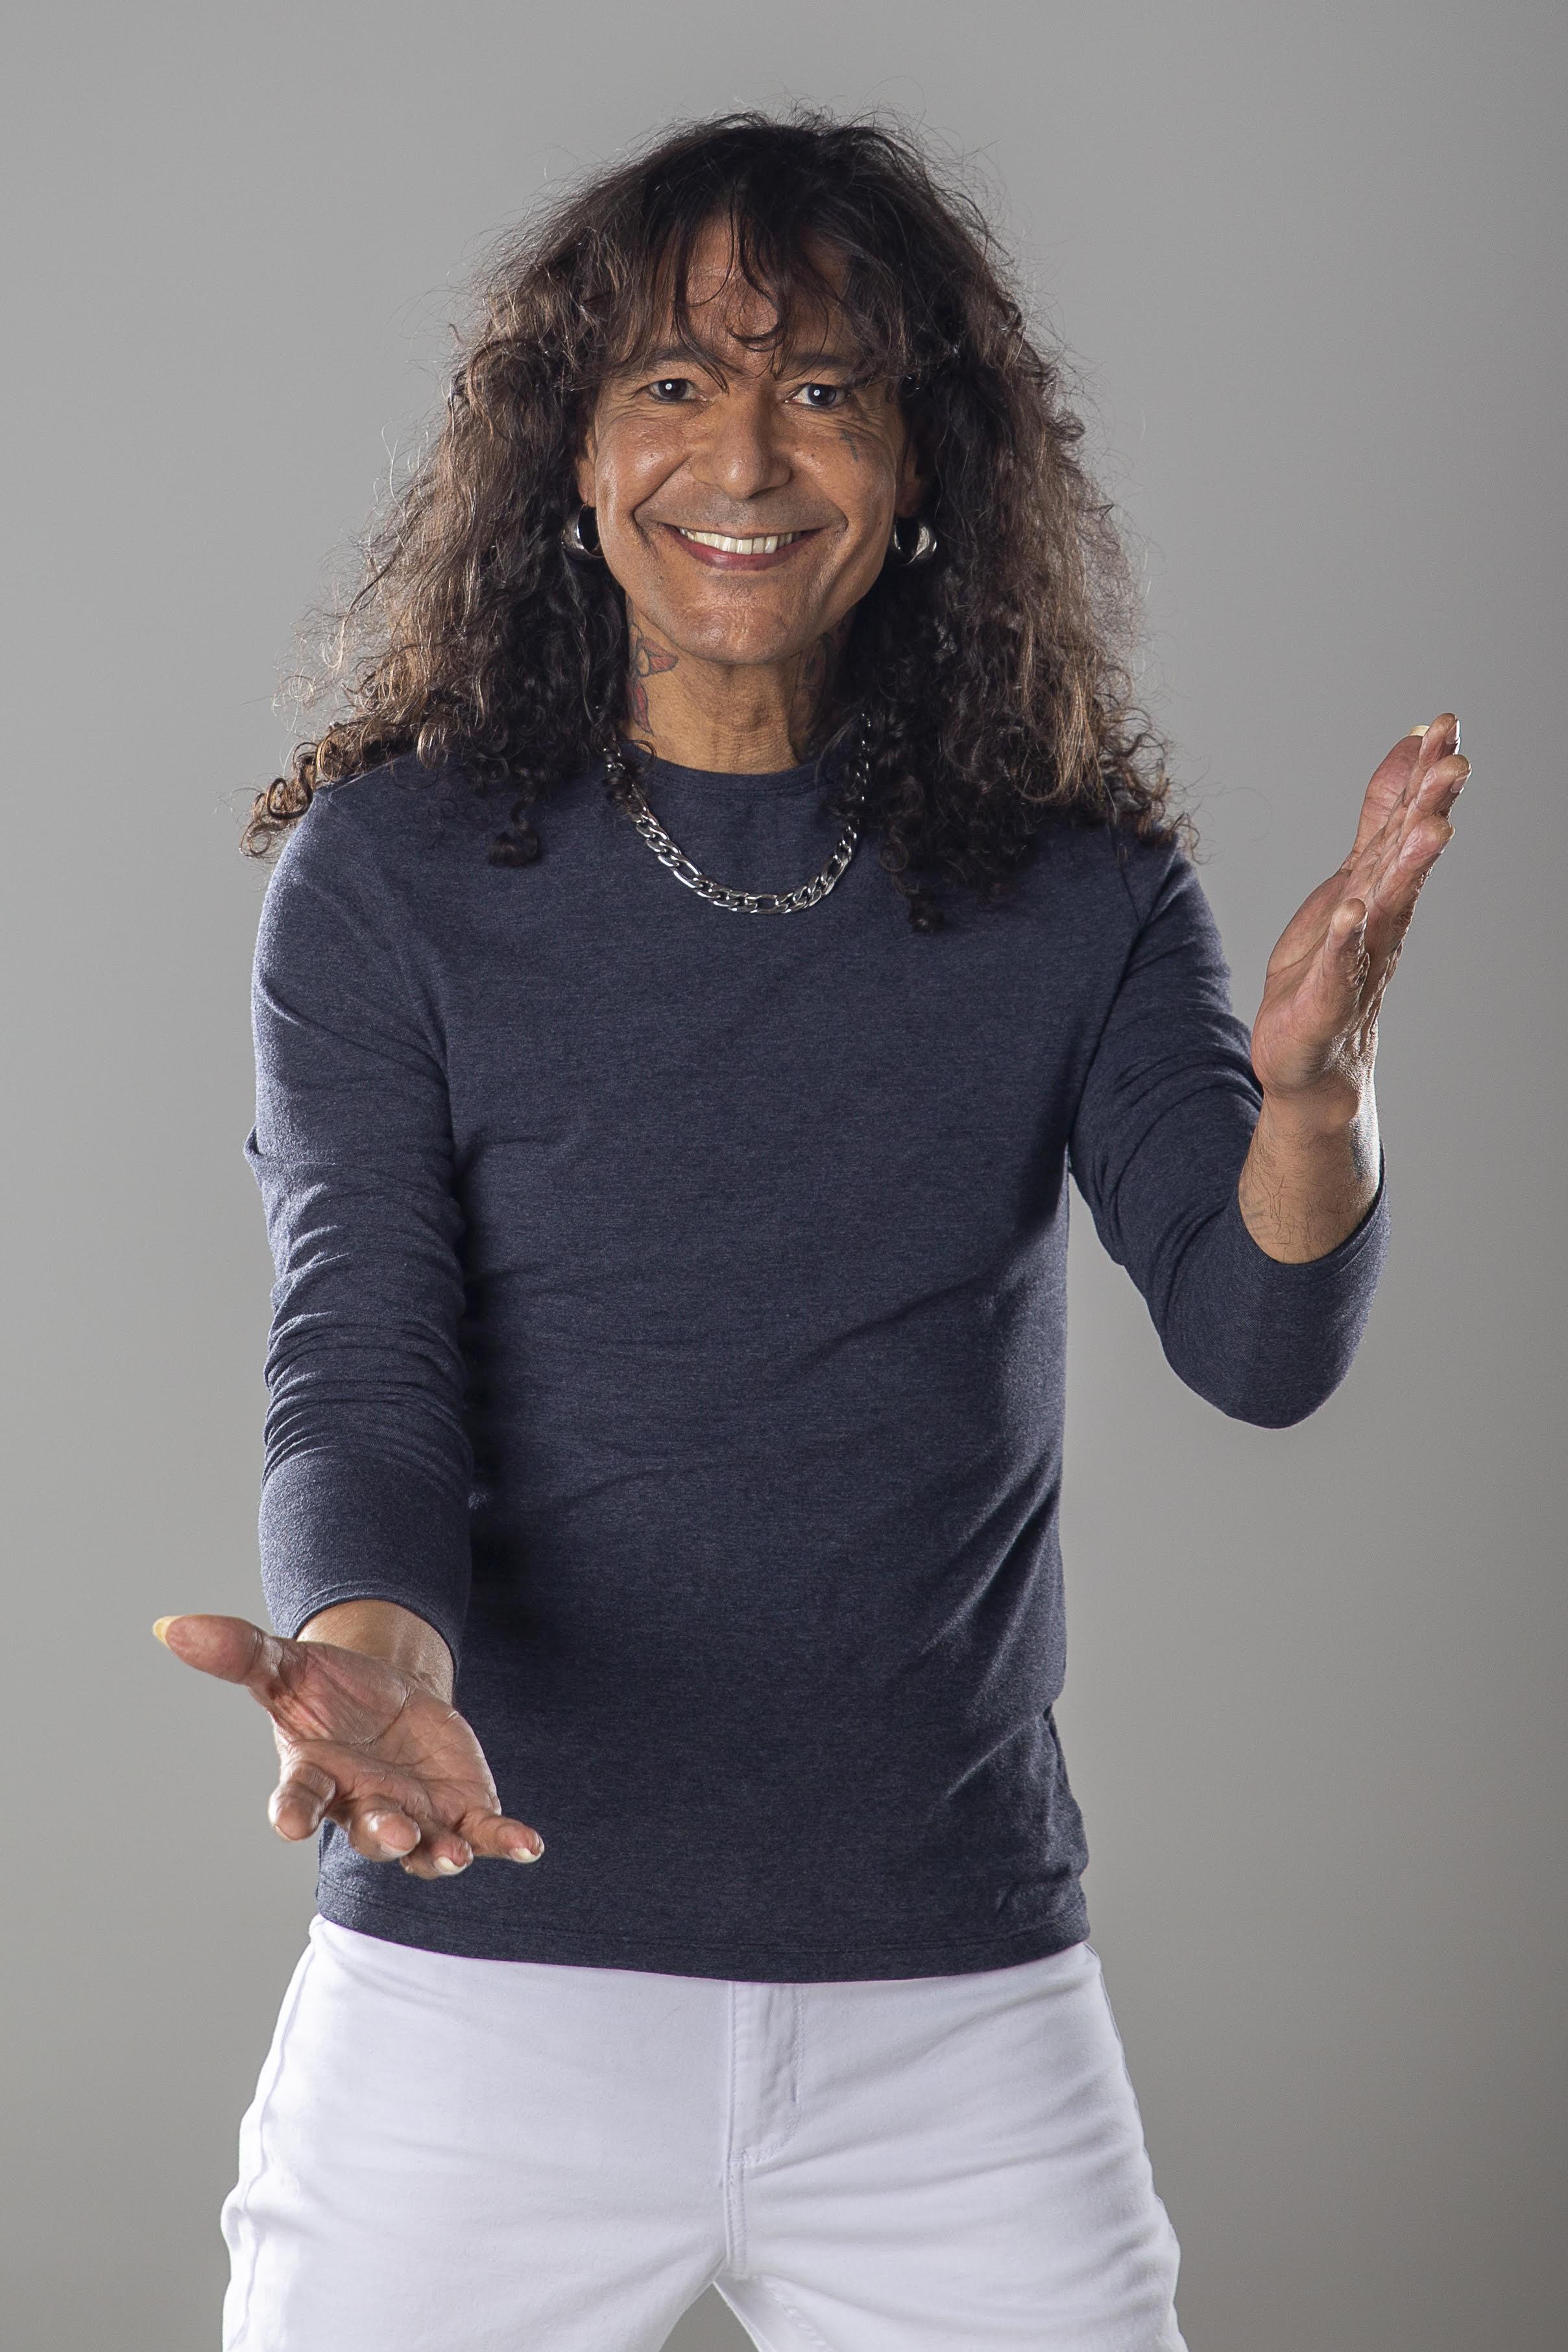 Luiz Caldas canta Cassiano, Fábio Jr. e Roupa Nova em disco de intérprete